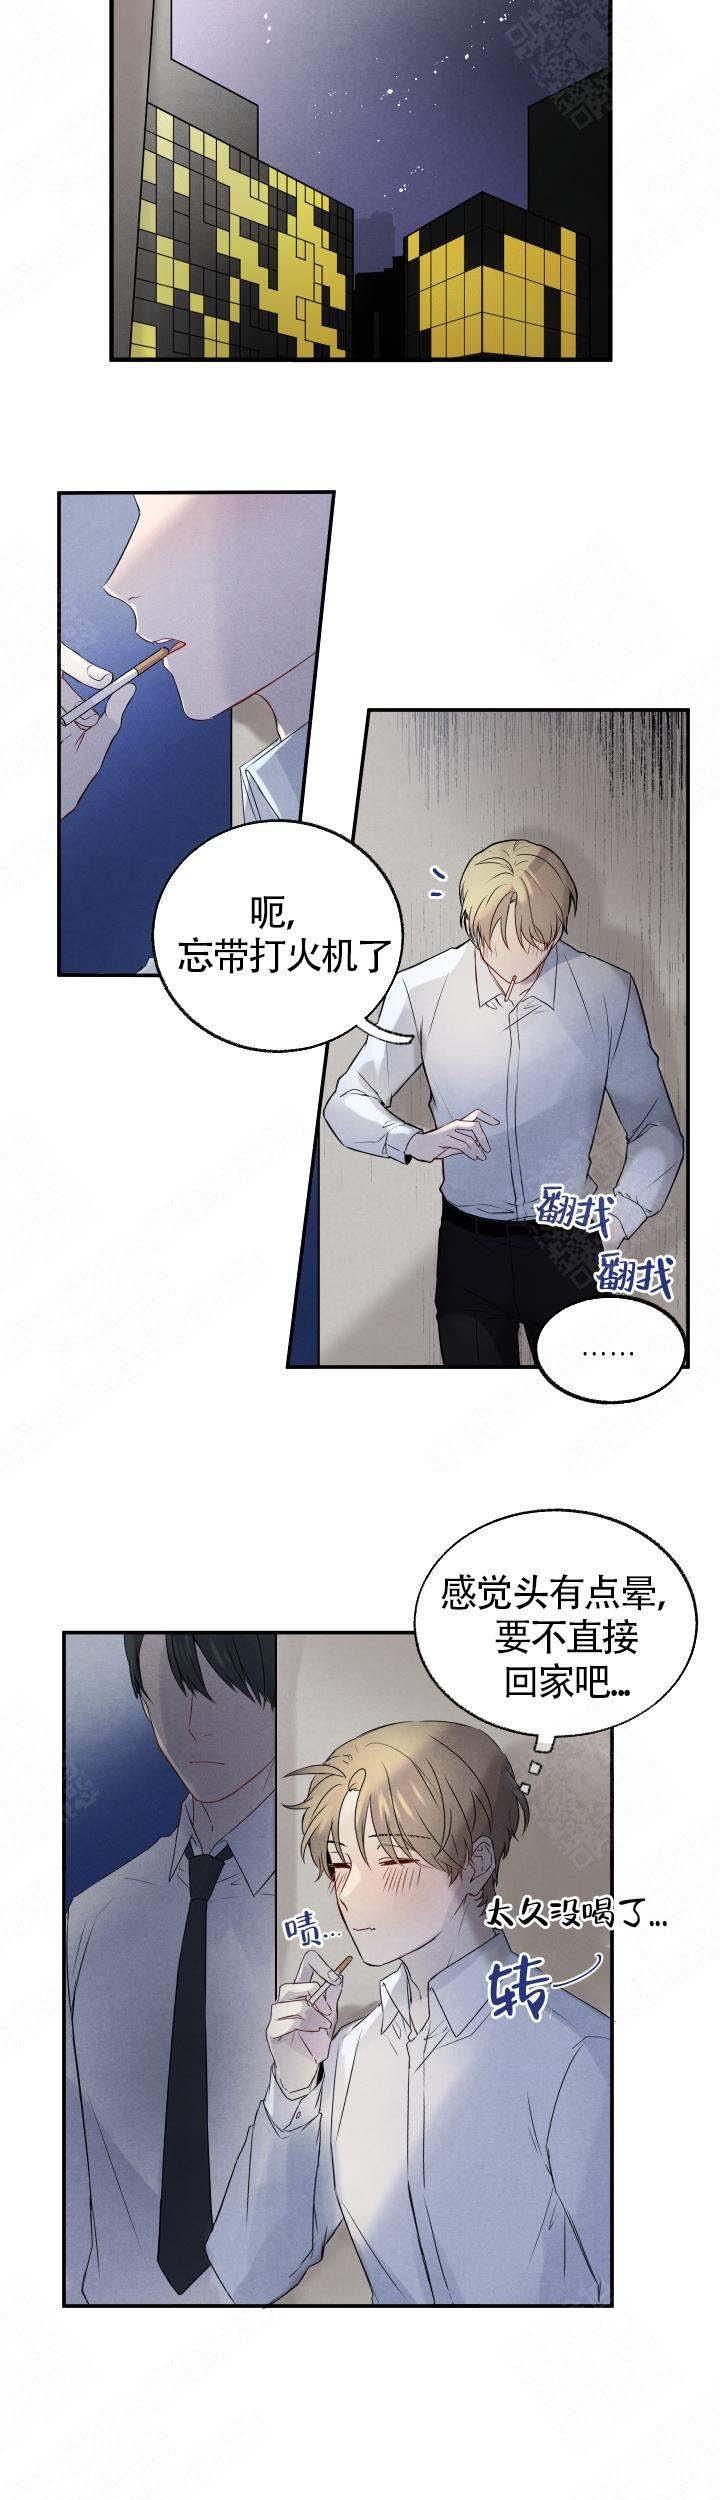 新上漫画《恋上你》